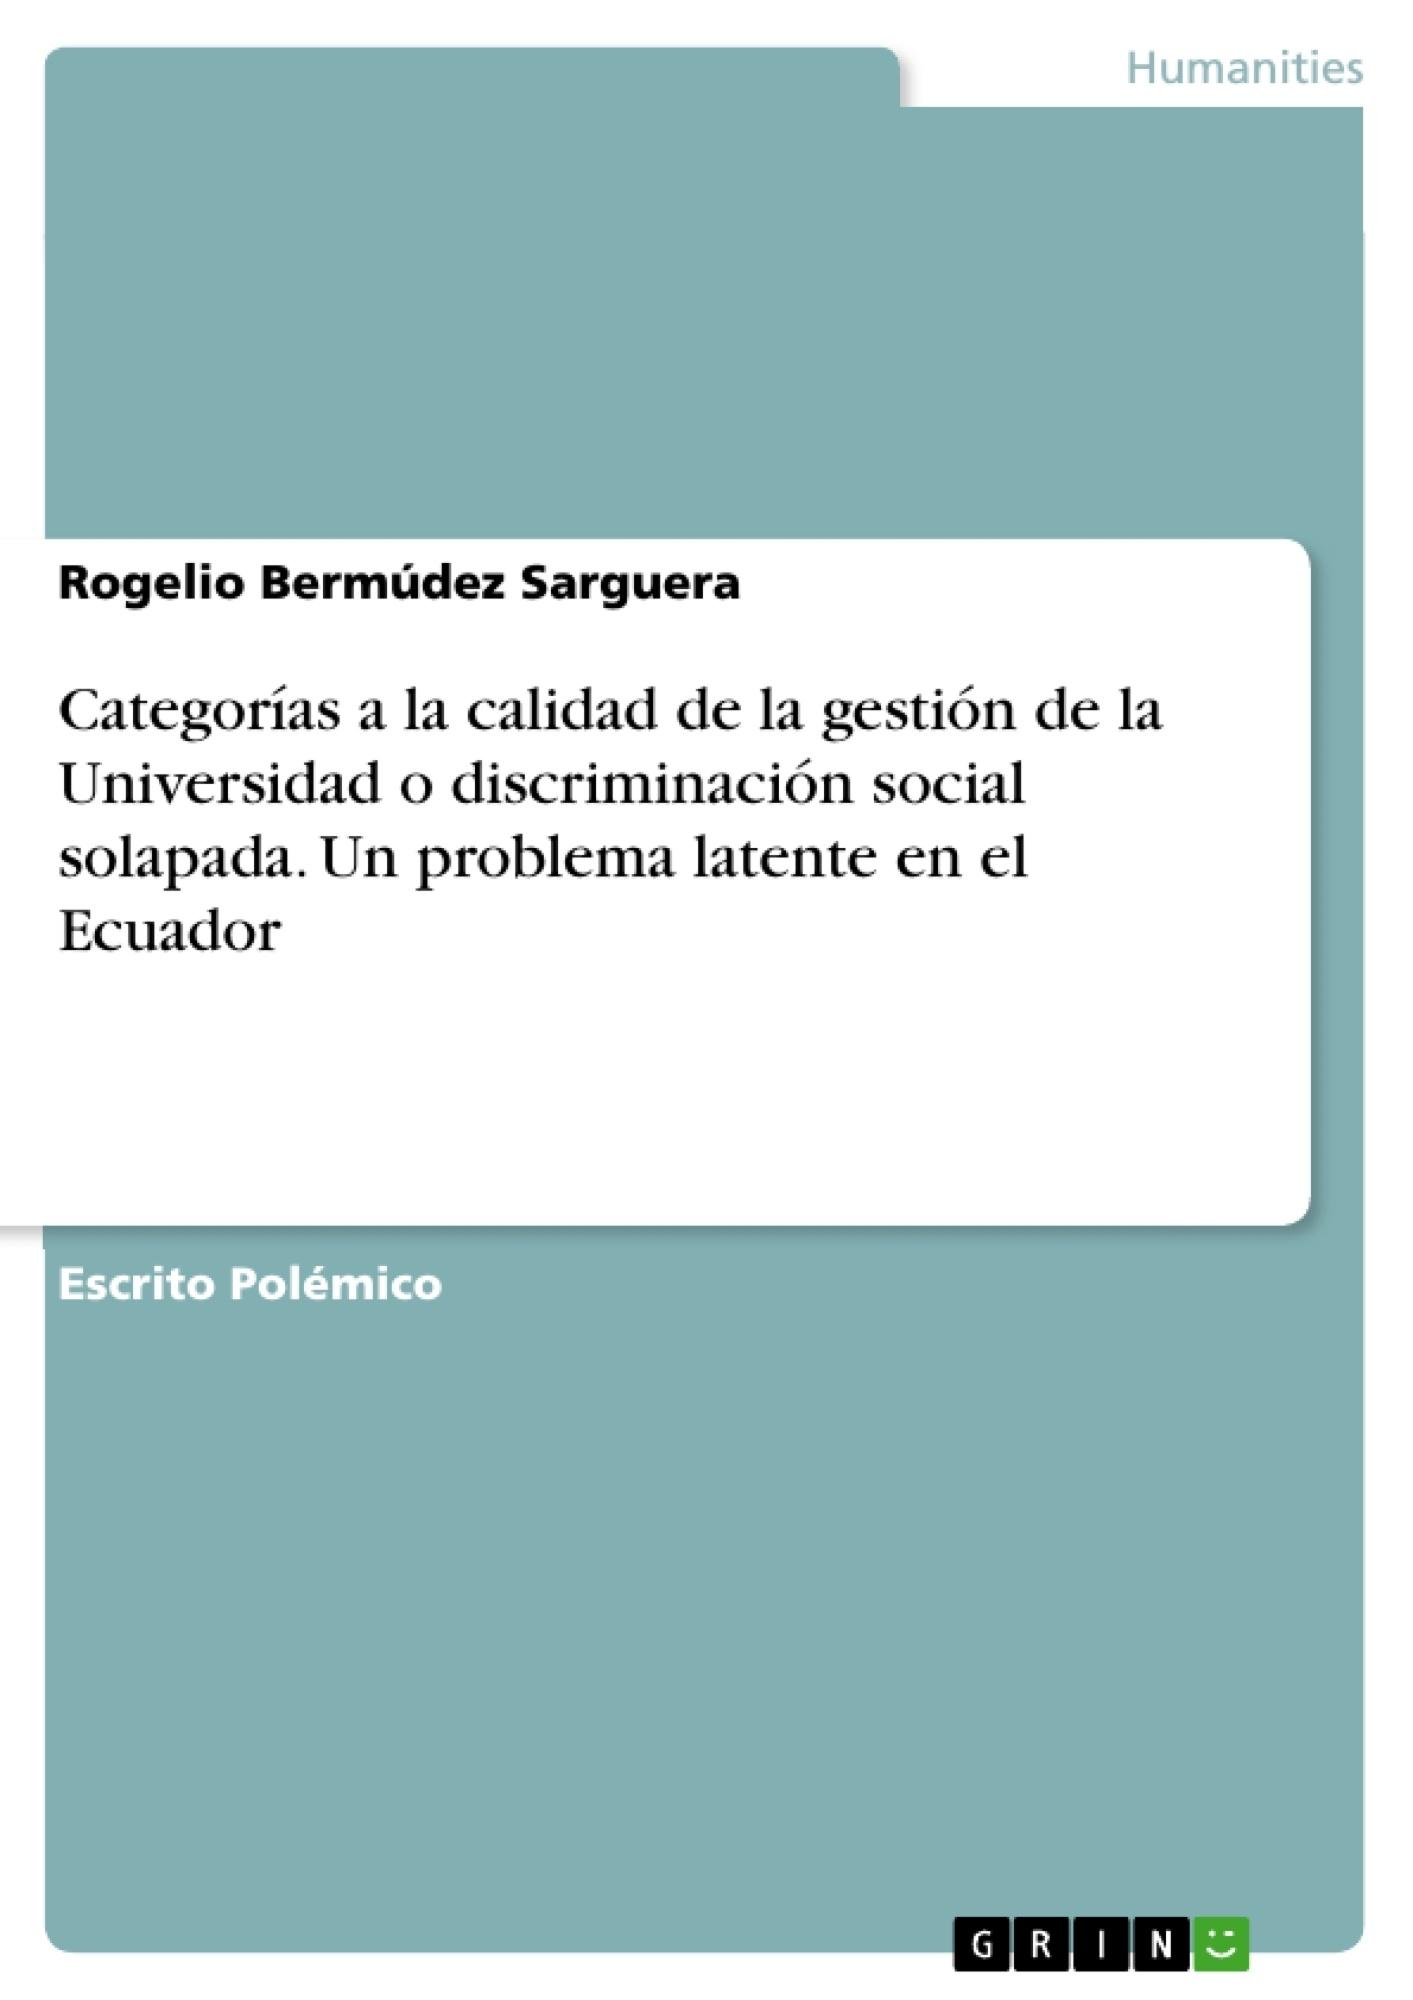 Título: Categorías a la calidad de la gestión de la Universidad o discriminación social solapada. Un problema latente en el Ecuador